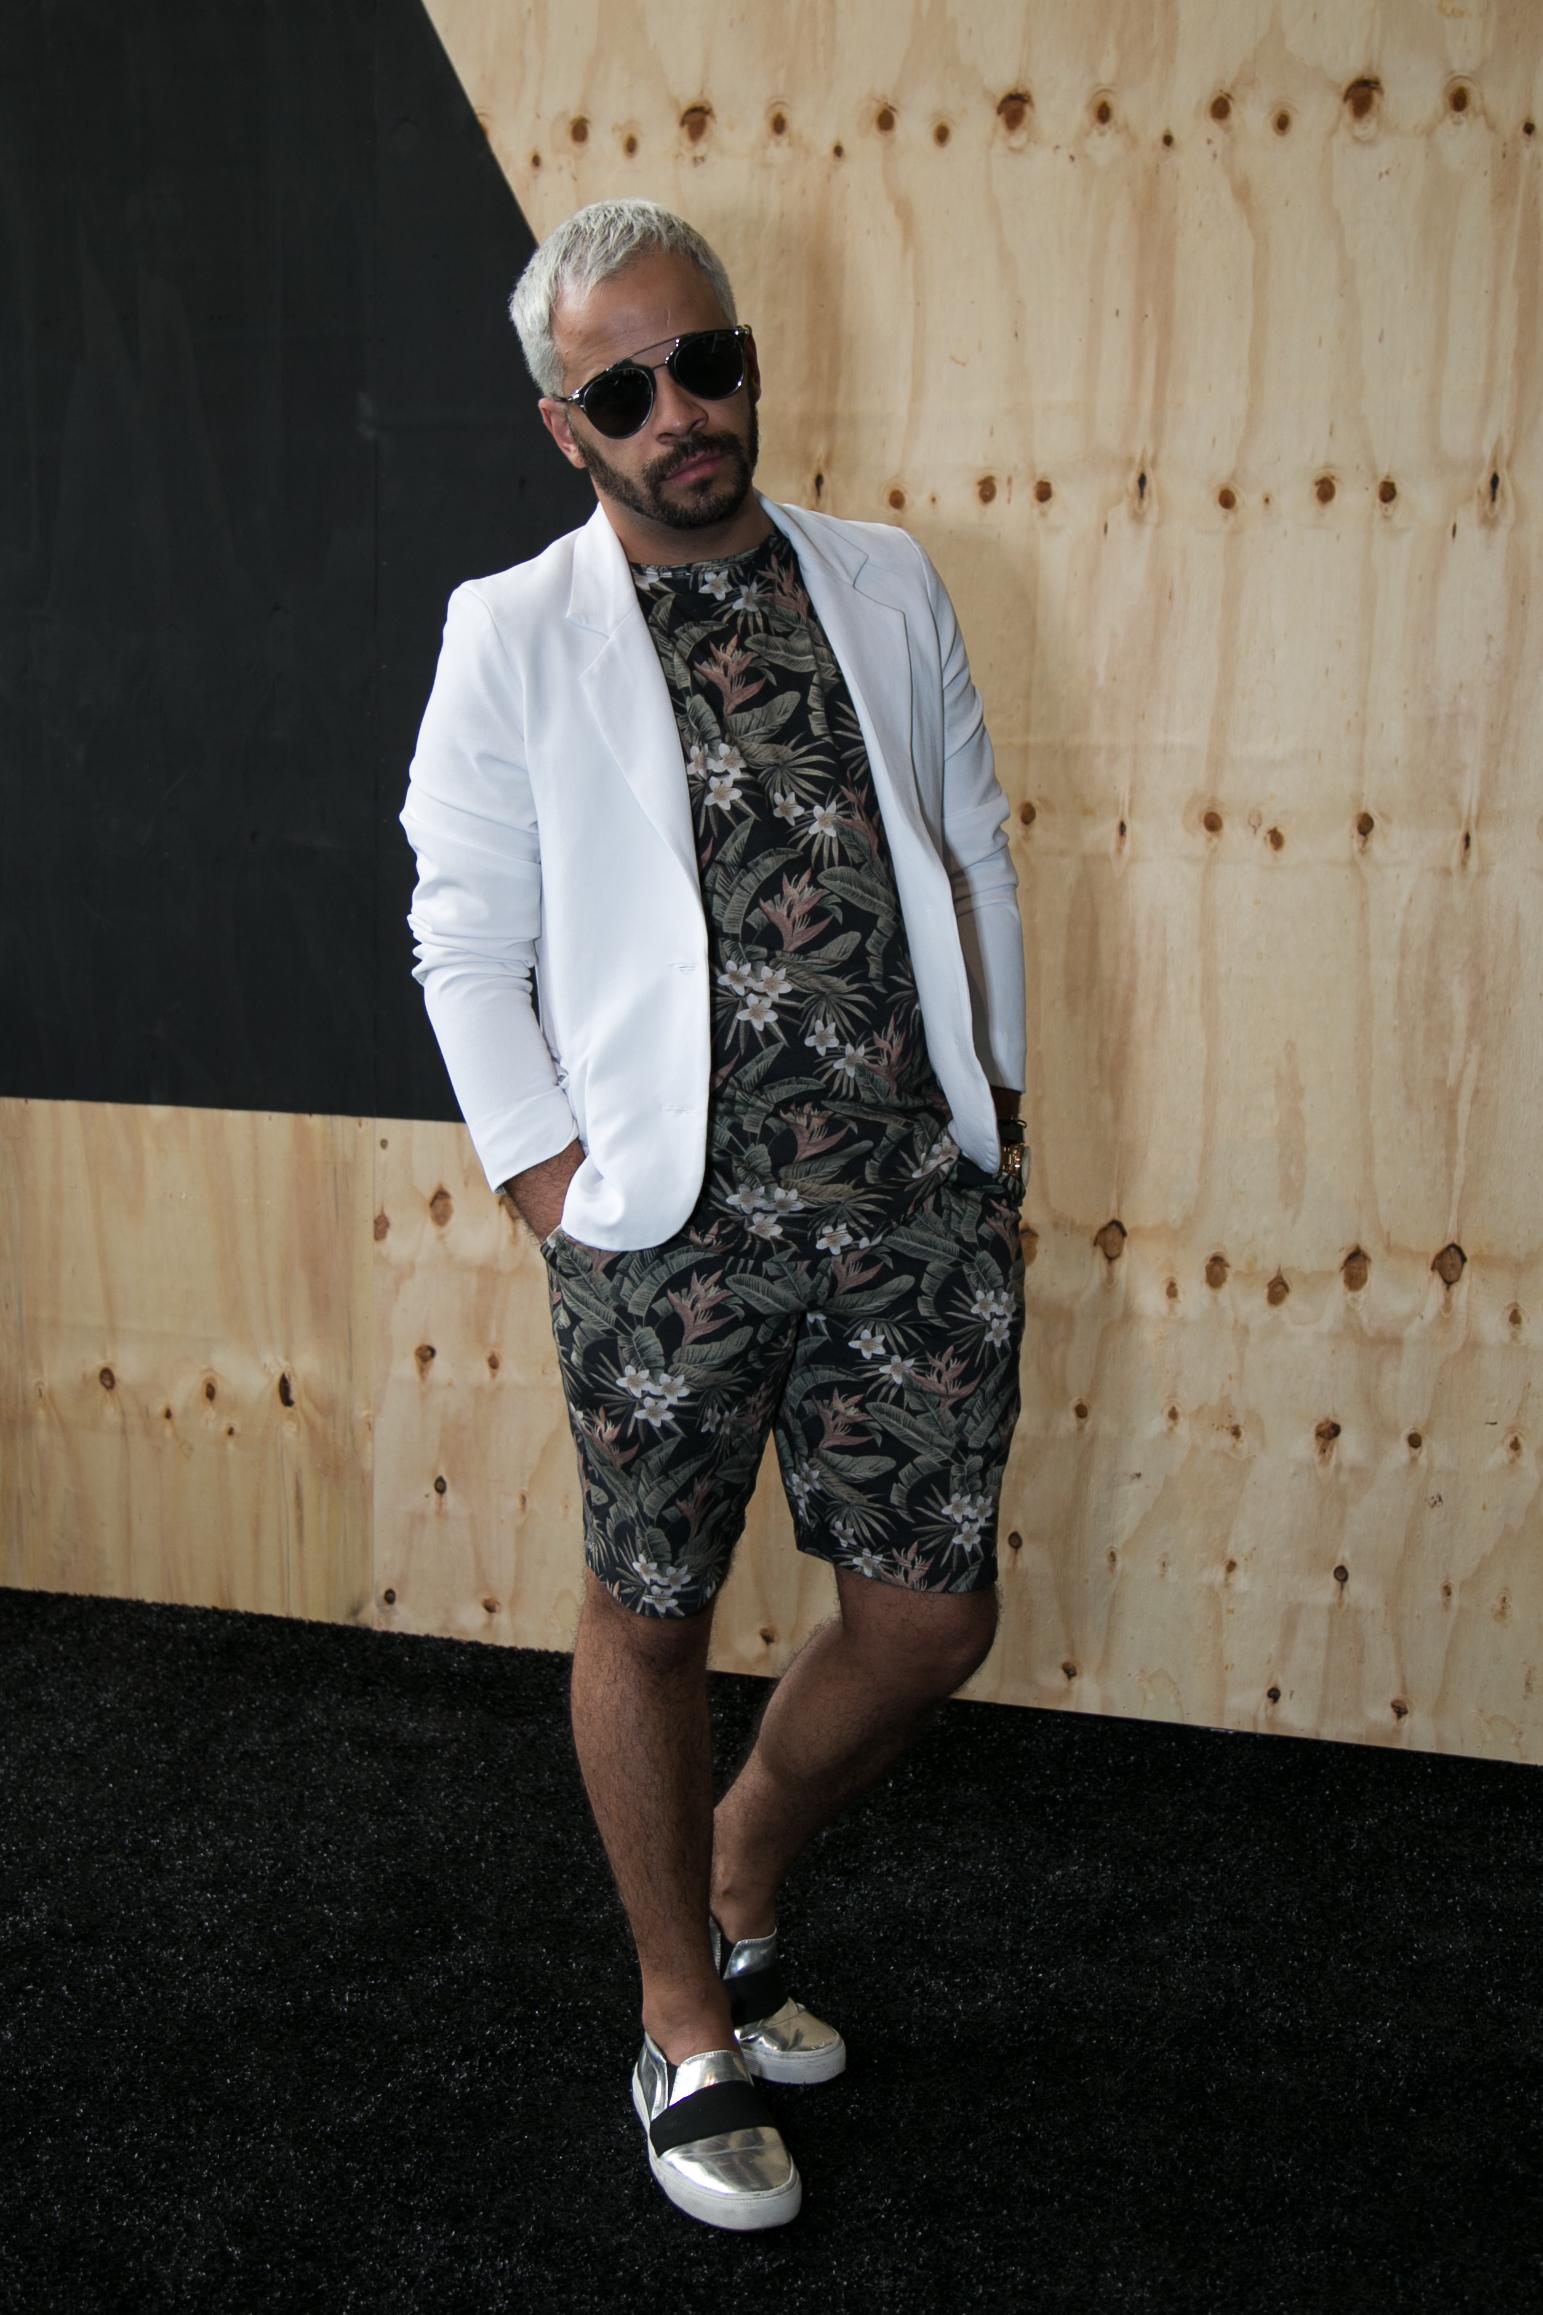 jeans-street-style-masculino-blog-de-moda-masculina-dicas-estilo-moda-jeans-jaqueta-calca-short-saia-fashion-week-spfw-spfwtrans42-spfwn42-tendencia-masculina-inverno-2